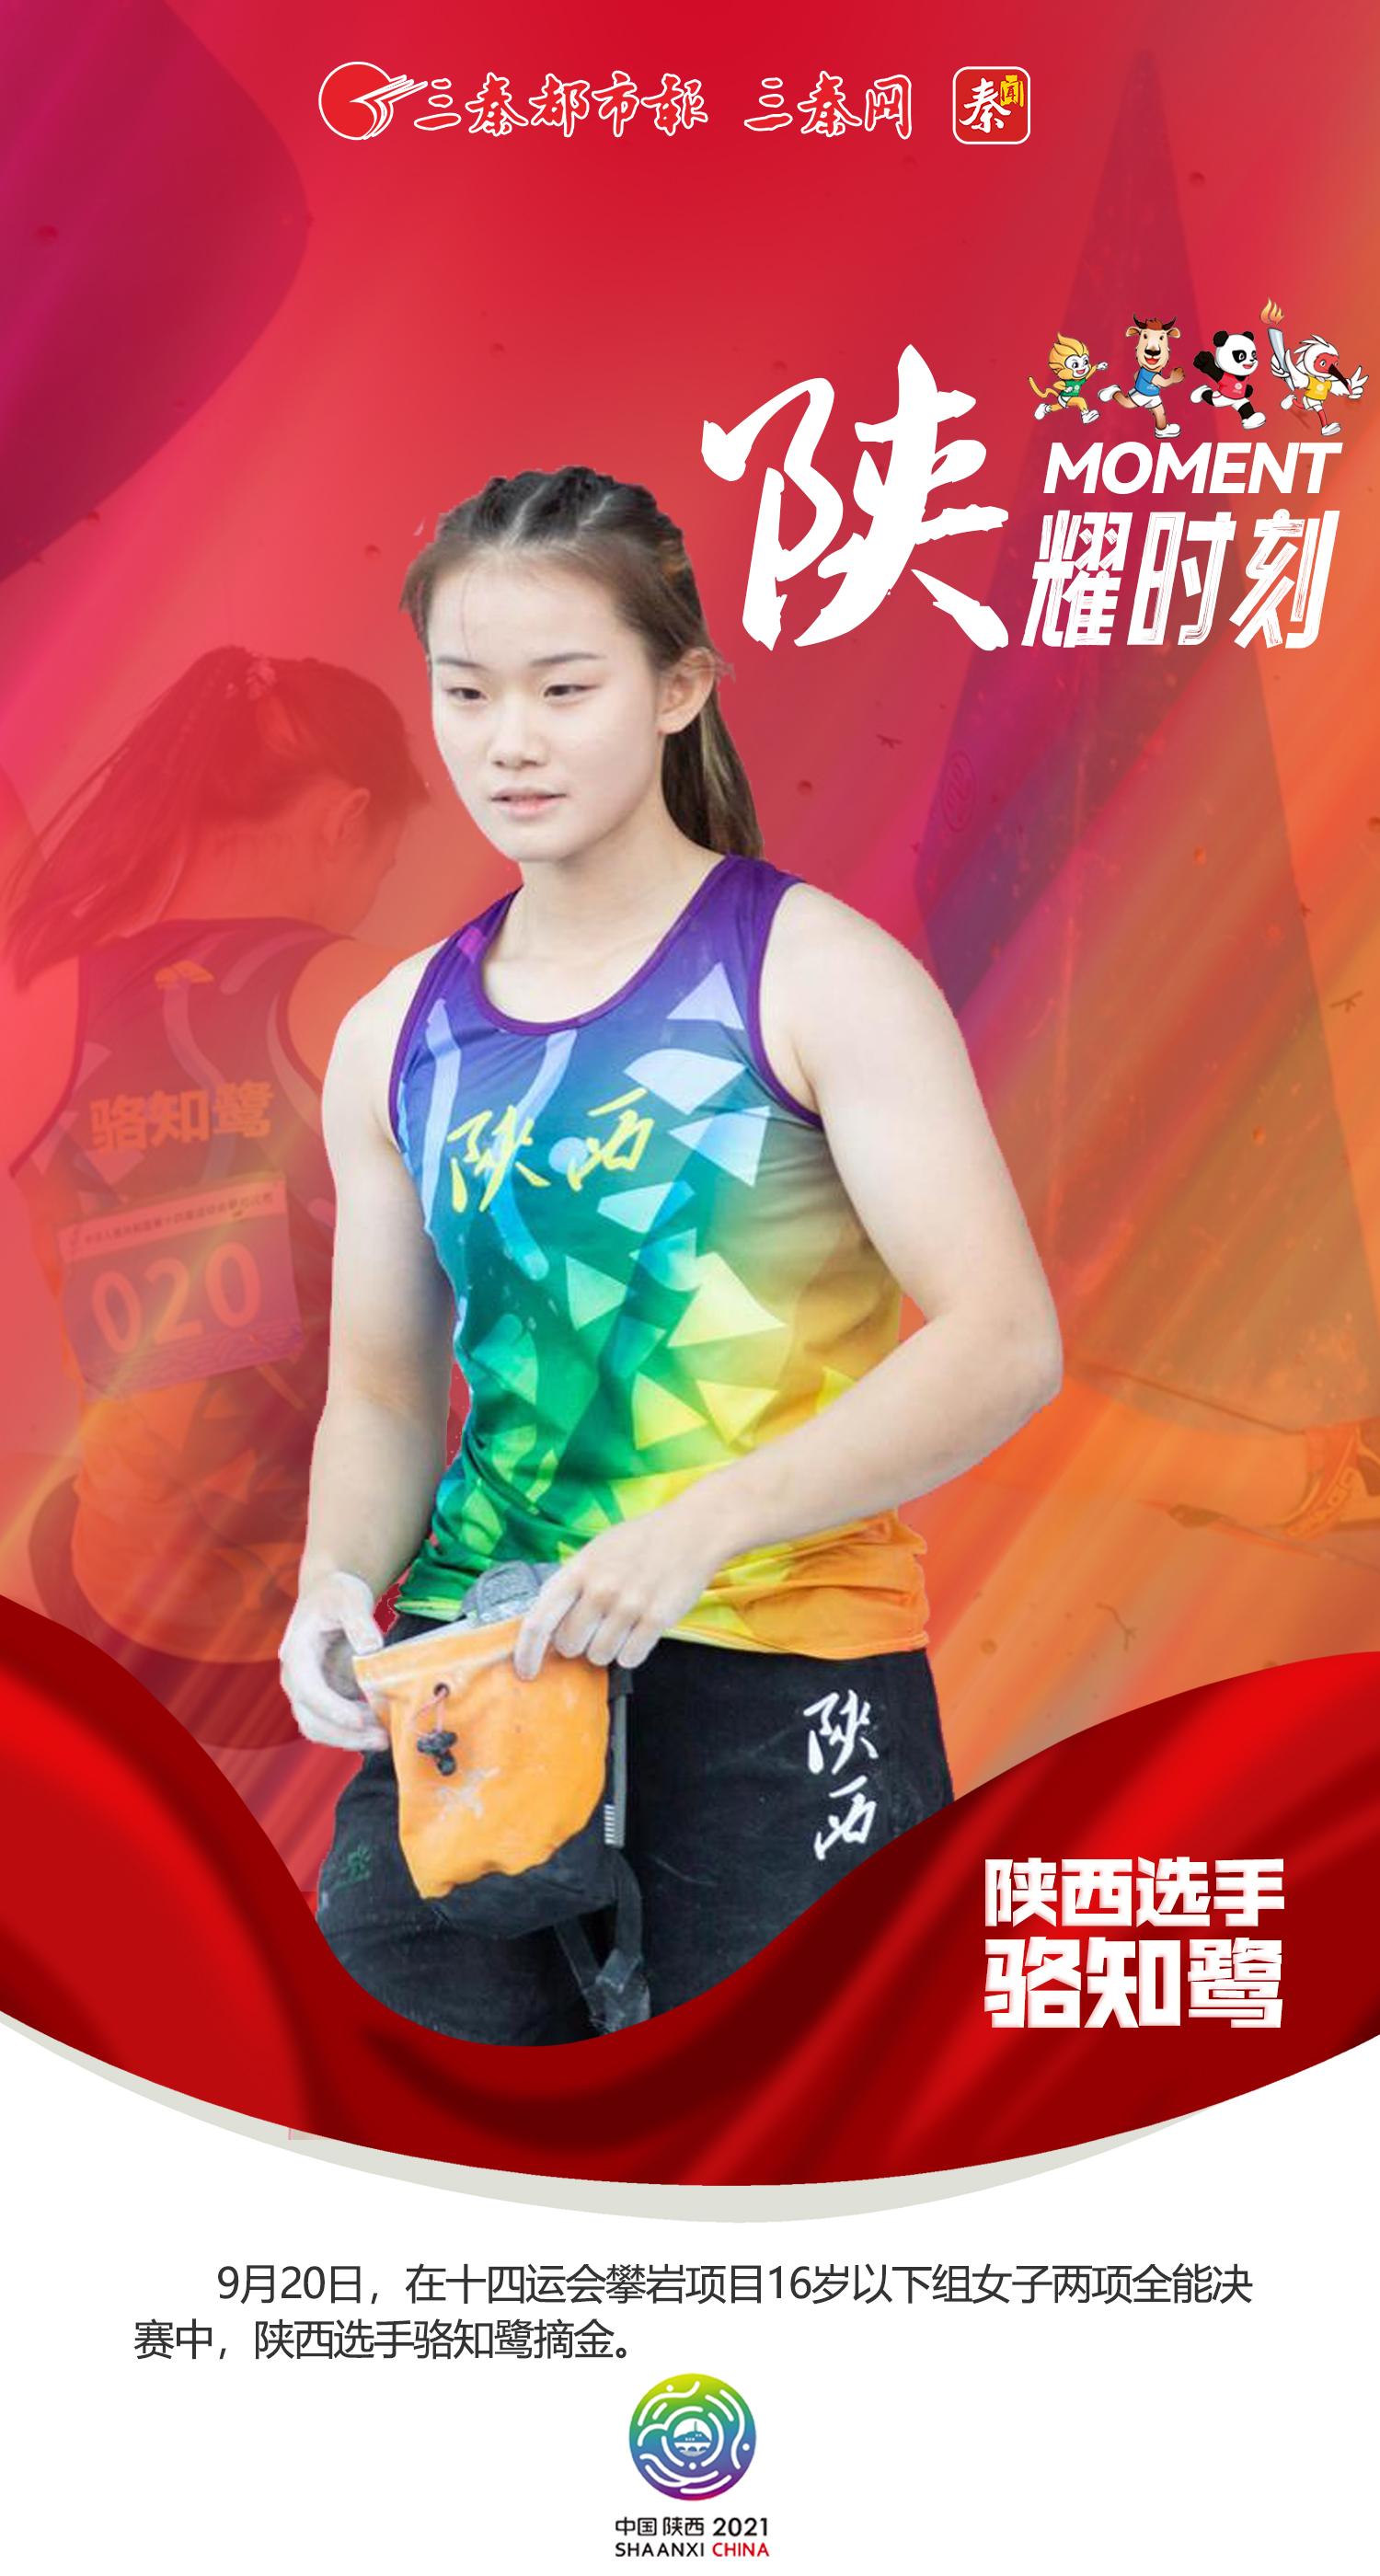 陕耀时刻丨陕西选手骆知鹭夺得攀岩16岁以下组女子两项全能决赛冠军